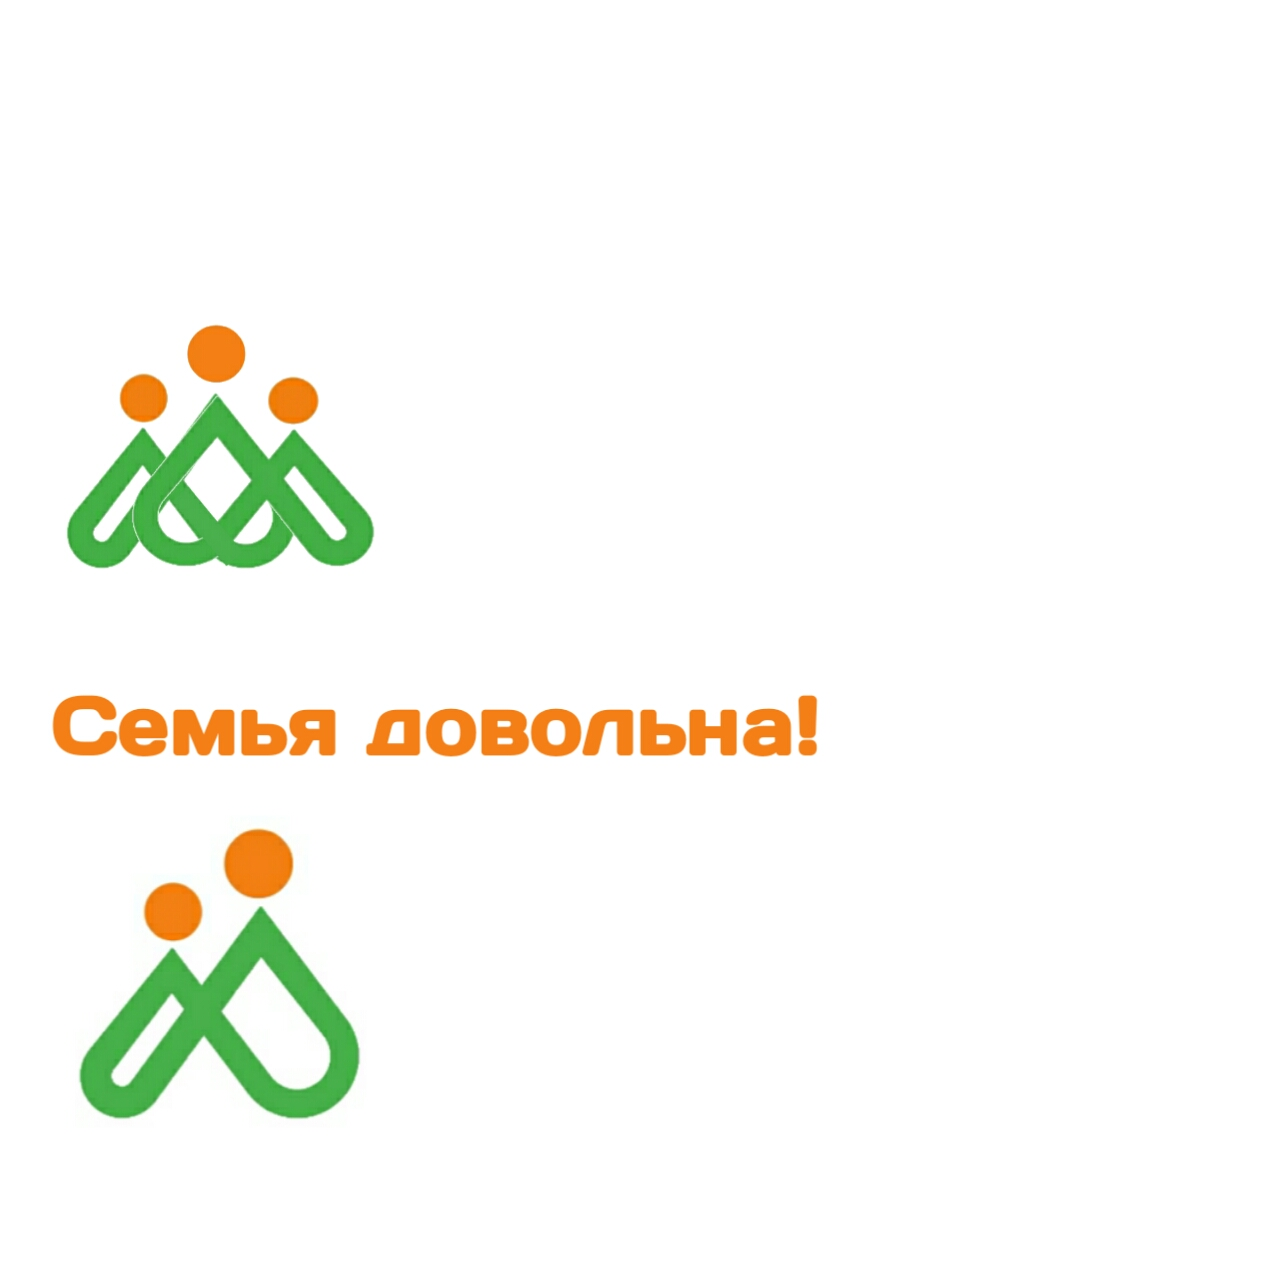 """Разработайте логотип для торговой марки """"Семья довольна"""" фото f_7915ba098a1281b3.jpg"""